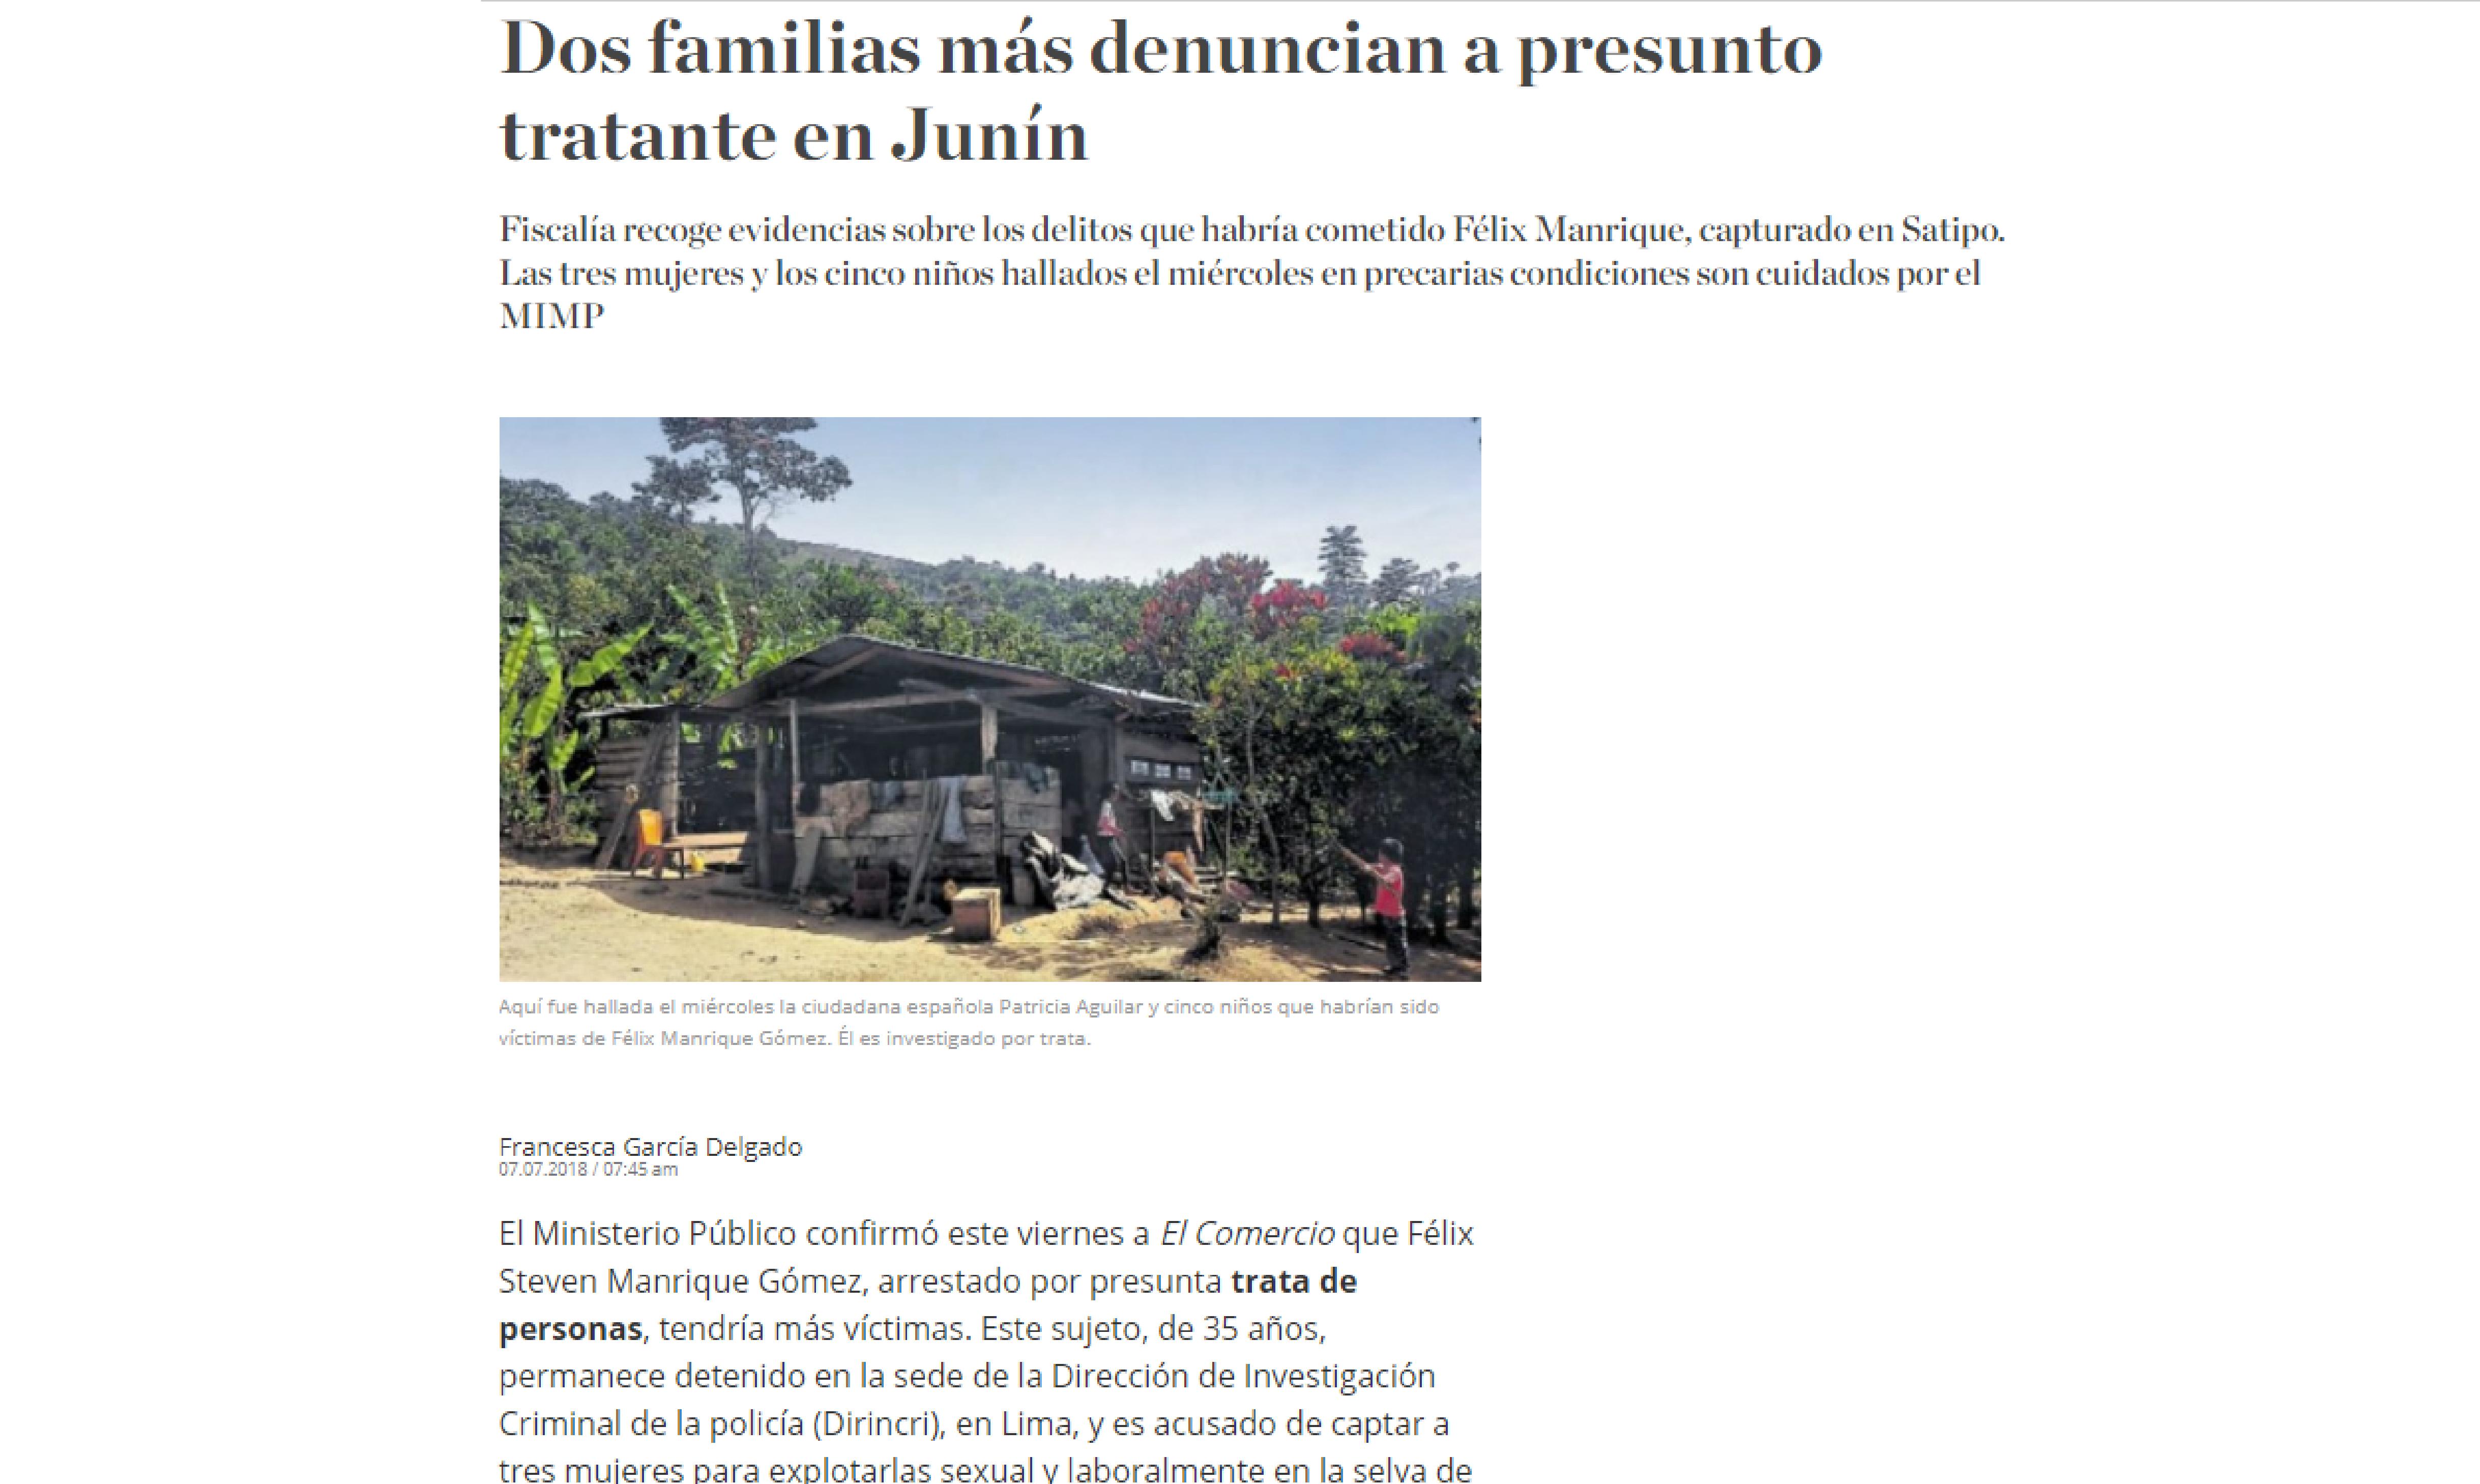 El Comercio: Dos familias más denuncian a presunto tratante en Junín